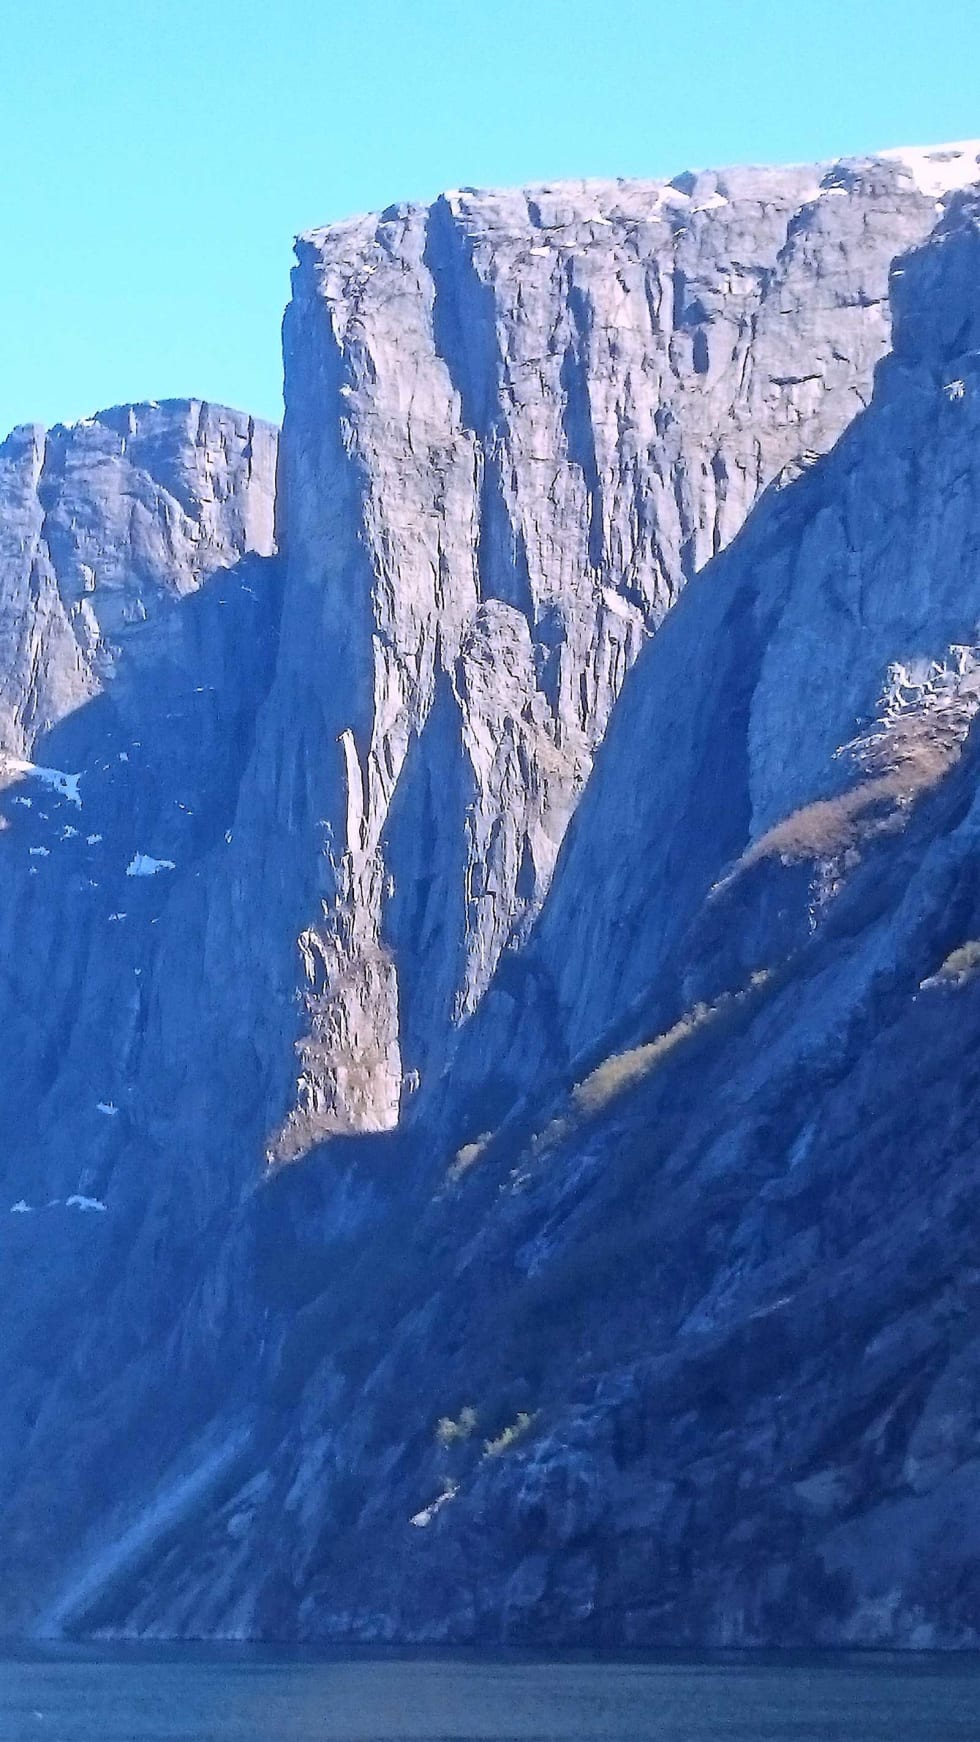 Ulykker: Frontveggen på Kjerag er snaut 900 høydemeter og har en lett synlig gylden plate i toppen hvor ruta Skjoldet går. Til høyre og nedenfor denne er en markert pilar som danner skillet mellom lys og skygge på bildet, og rundt foten av denne har det skjedd minst to fall-ulykker med beinbrudd. Foto: Sindre Bø